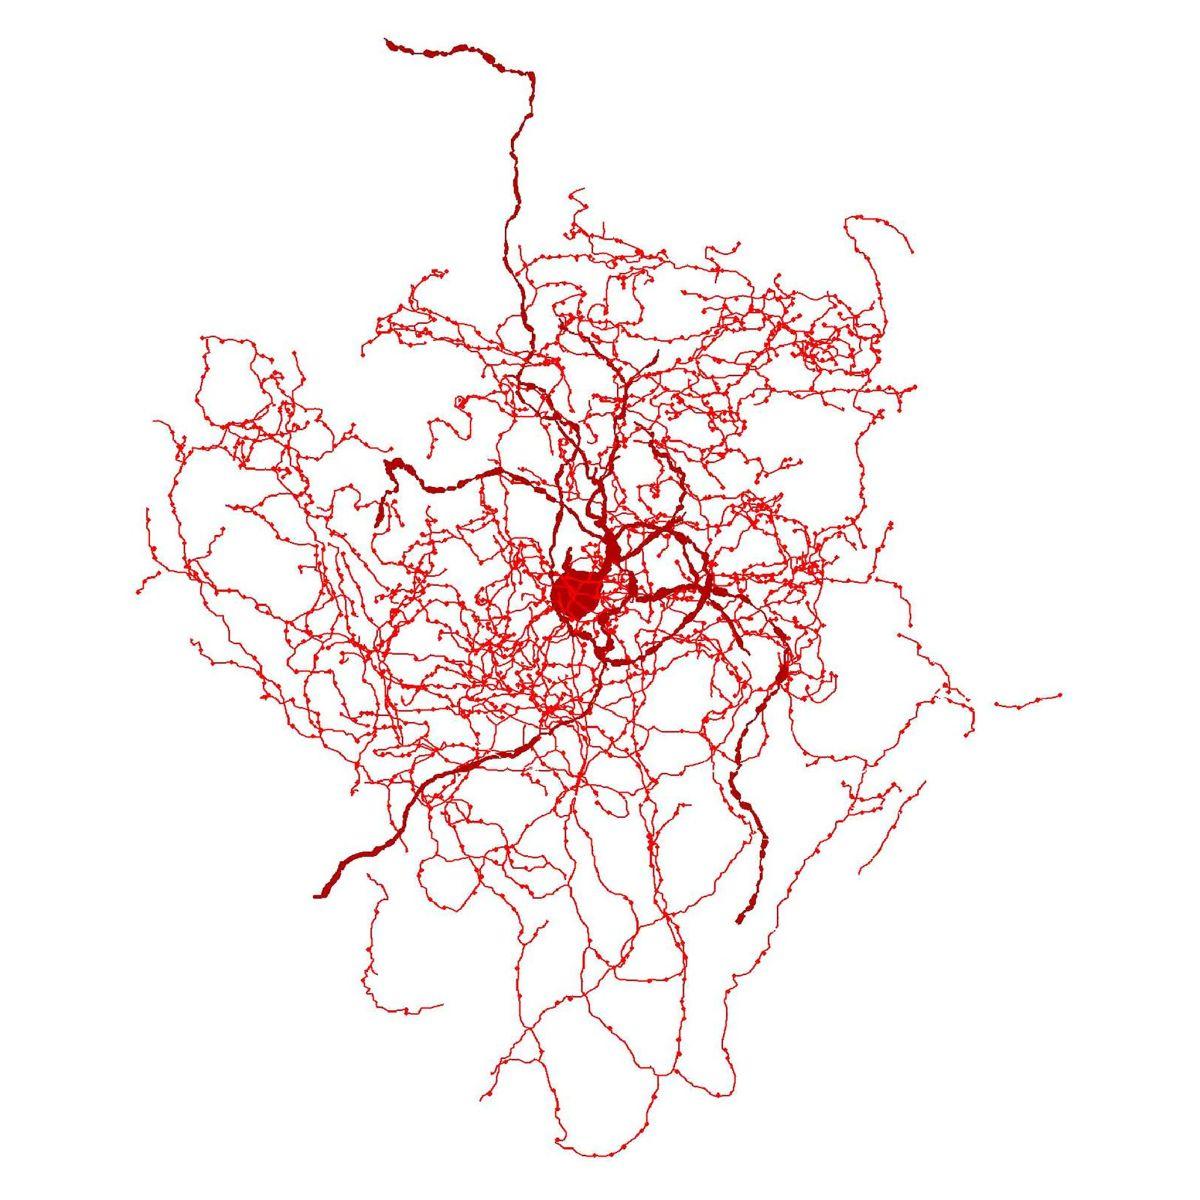 Qué son los escaramujos: Las neuronas que tienen fascinados a los científicos